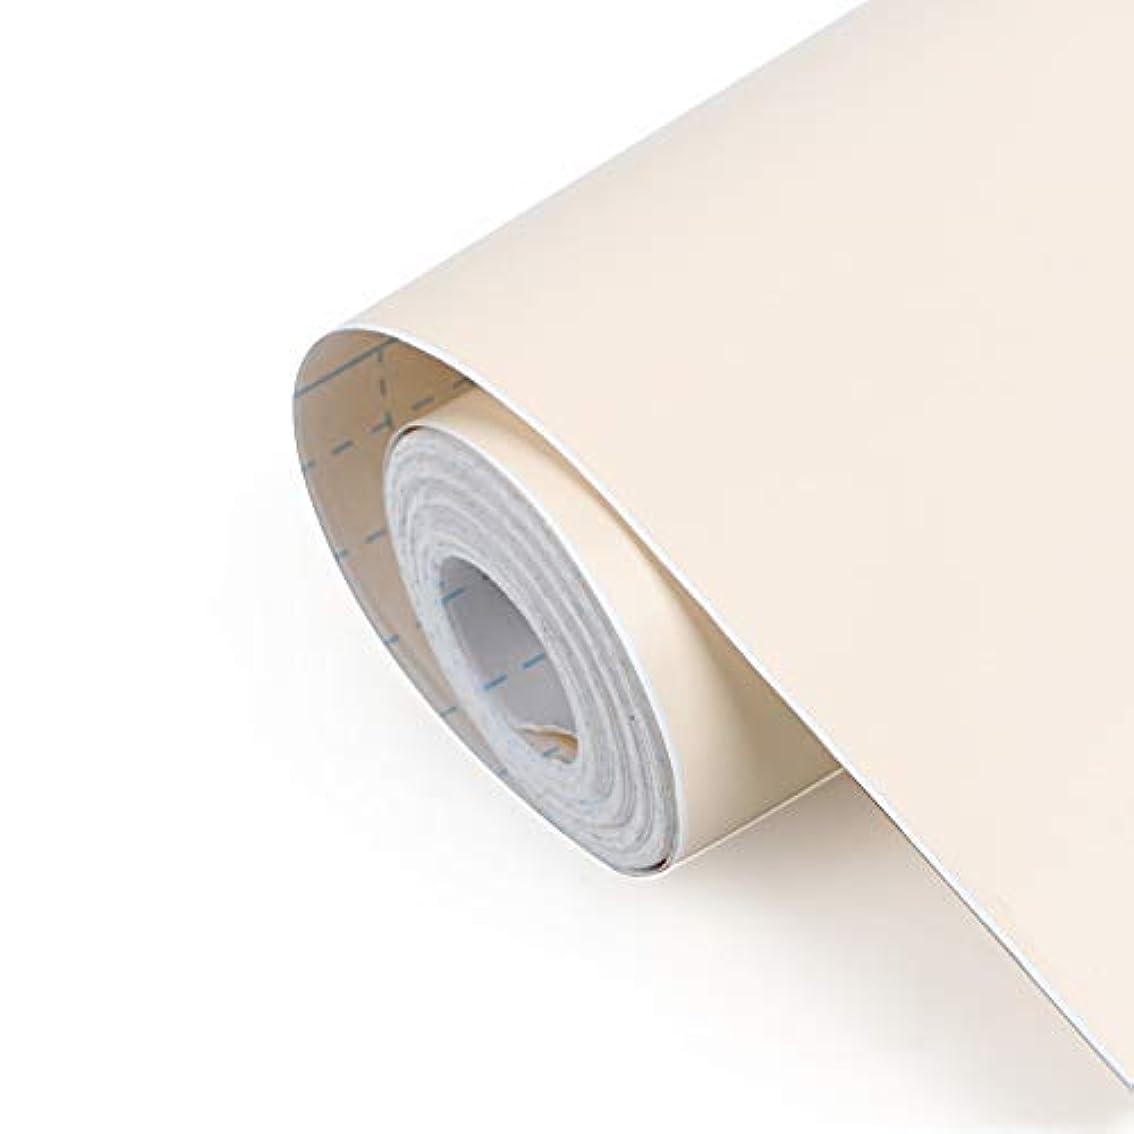 持続するタクト揺れるRAIN QUEEN 壁紙シール はがせるシール リメイクシート 壁紙シート 冷蔵庫ステッカー 家具リフォーム リフォーム補修 ウォールステッカー壁紙 リフォーム 家具ウォールステッカー 貼り付け簡単 ベッジュ 防水加工 家具リメイクシート 45cmX10M